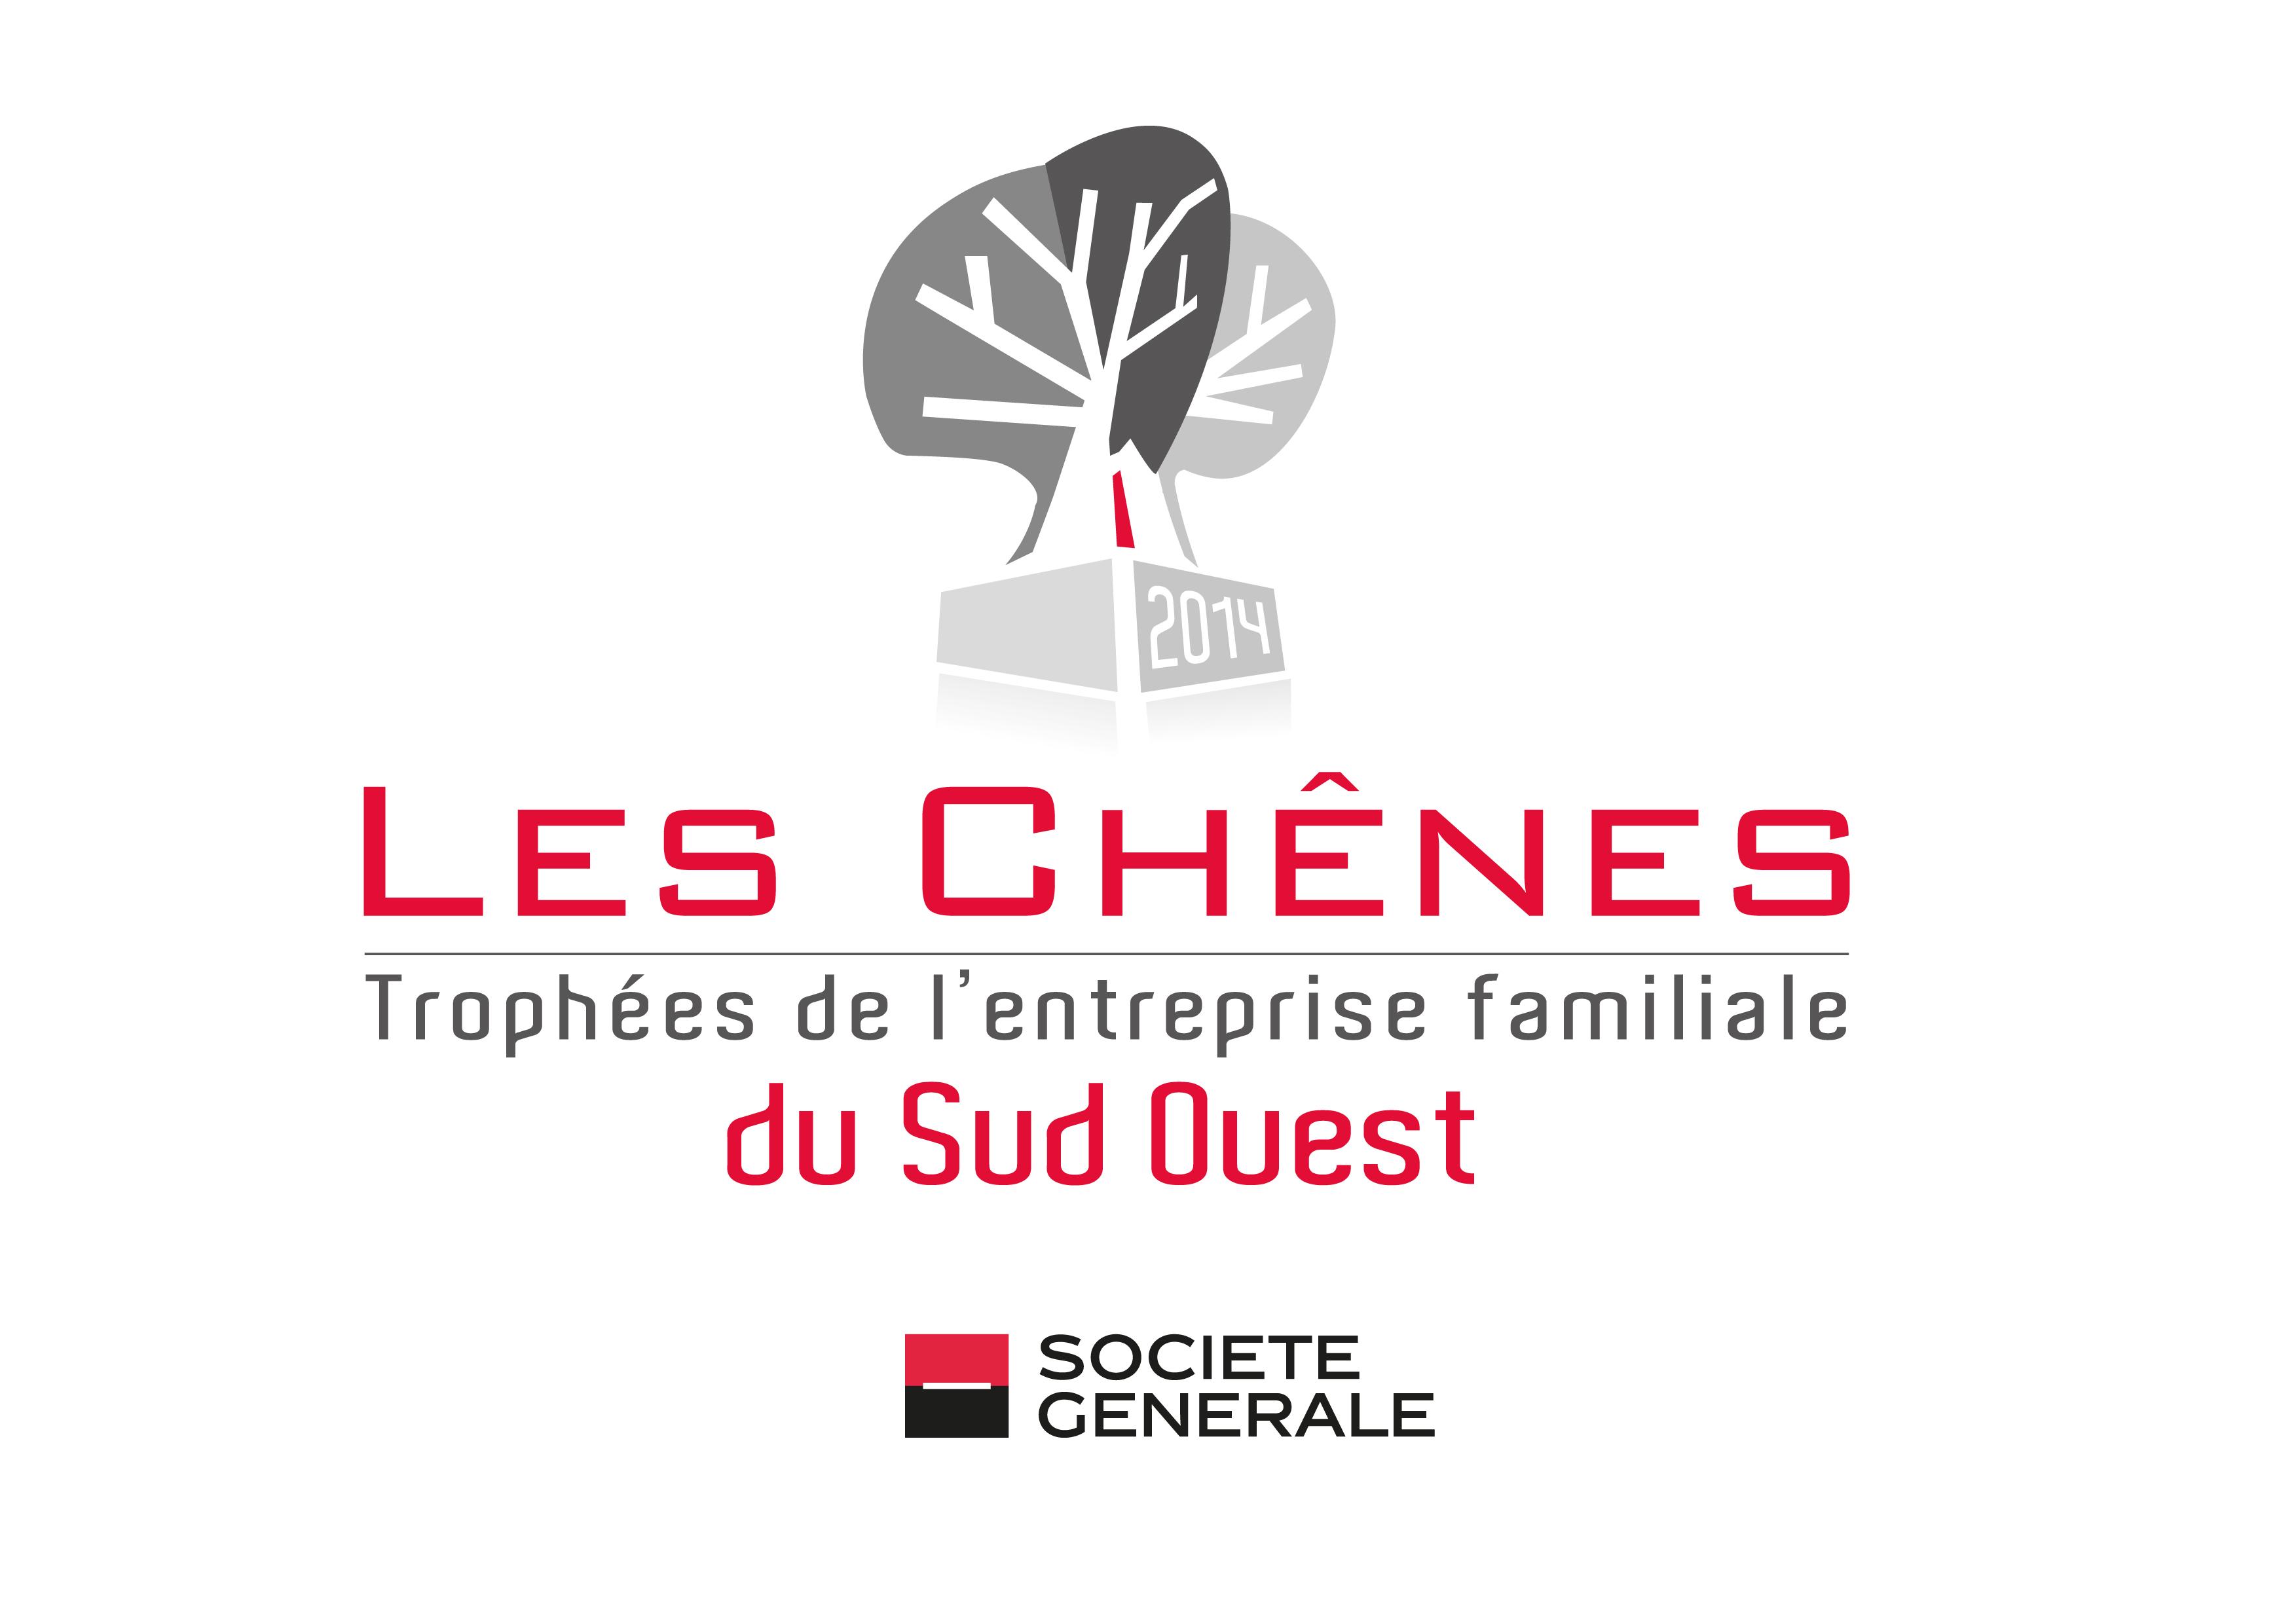 Soci t g n rale lance la premi re dition des ch nes du - Plafond livret developpement durable societe generale ...